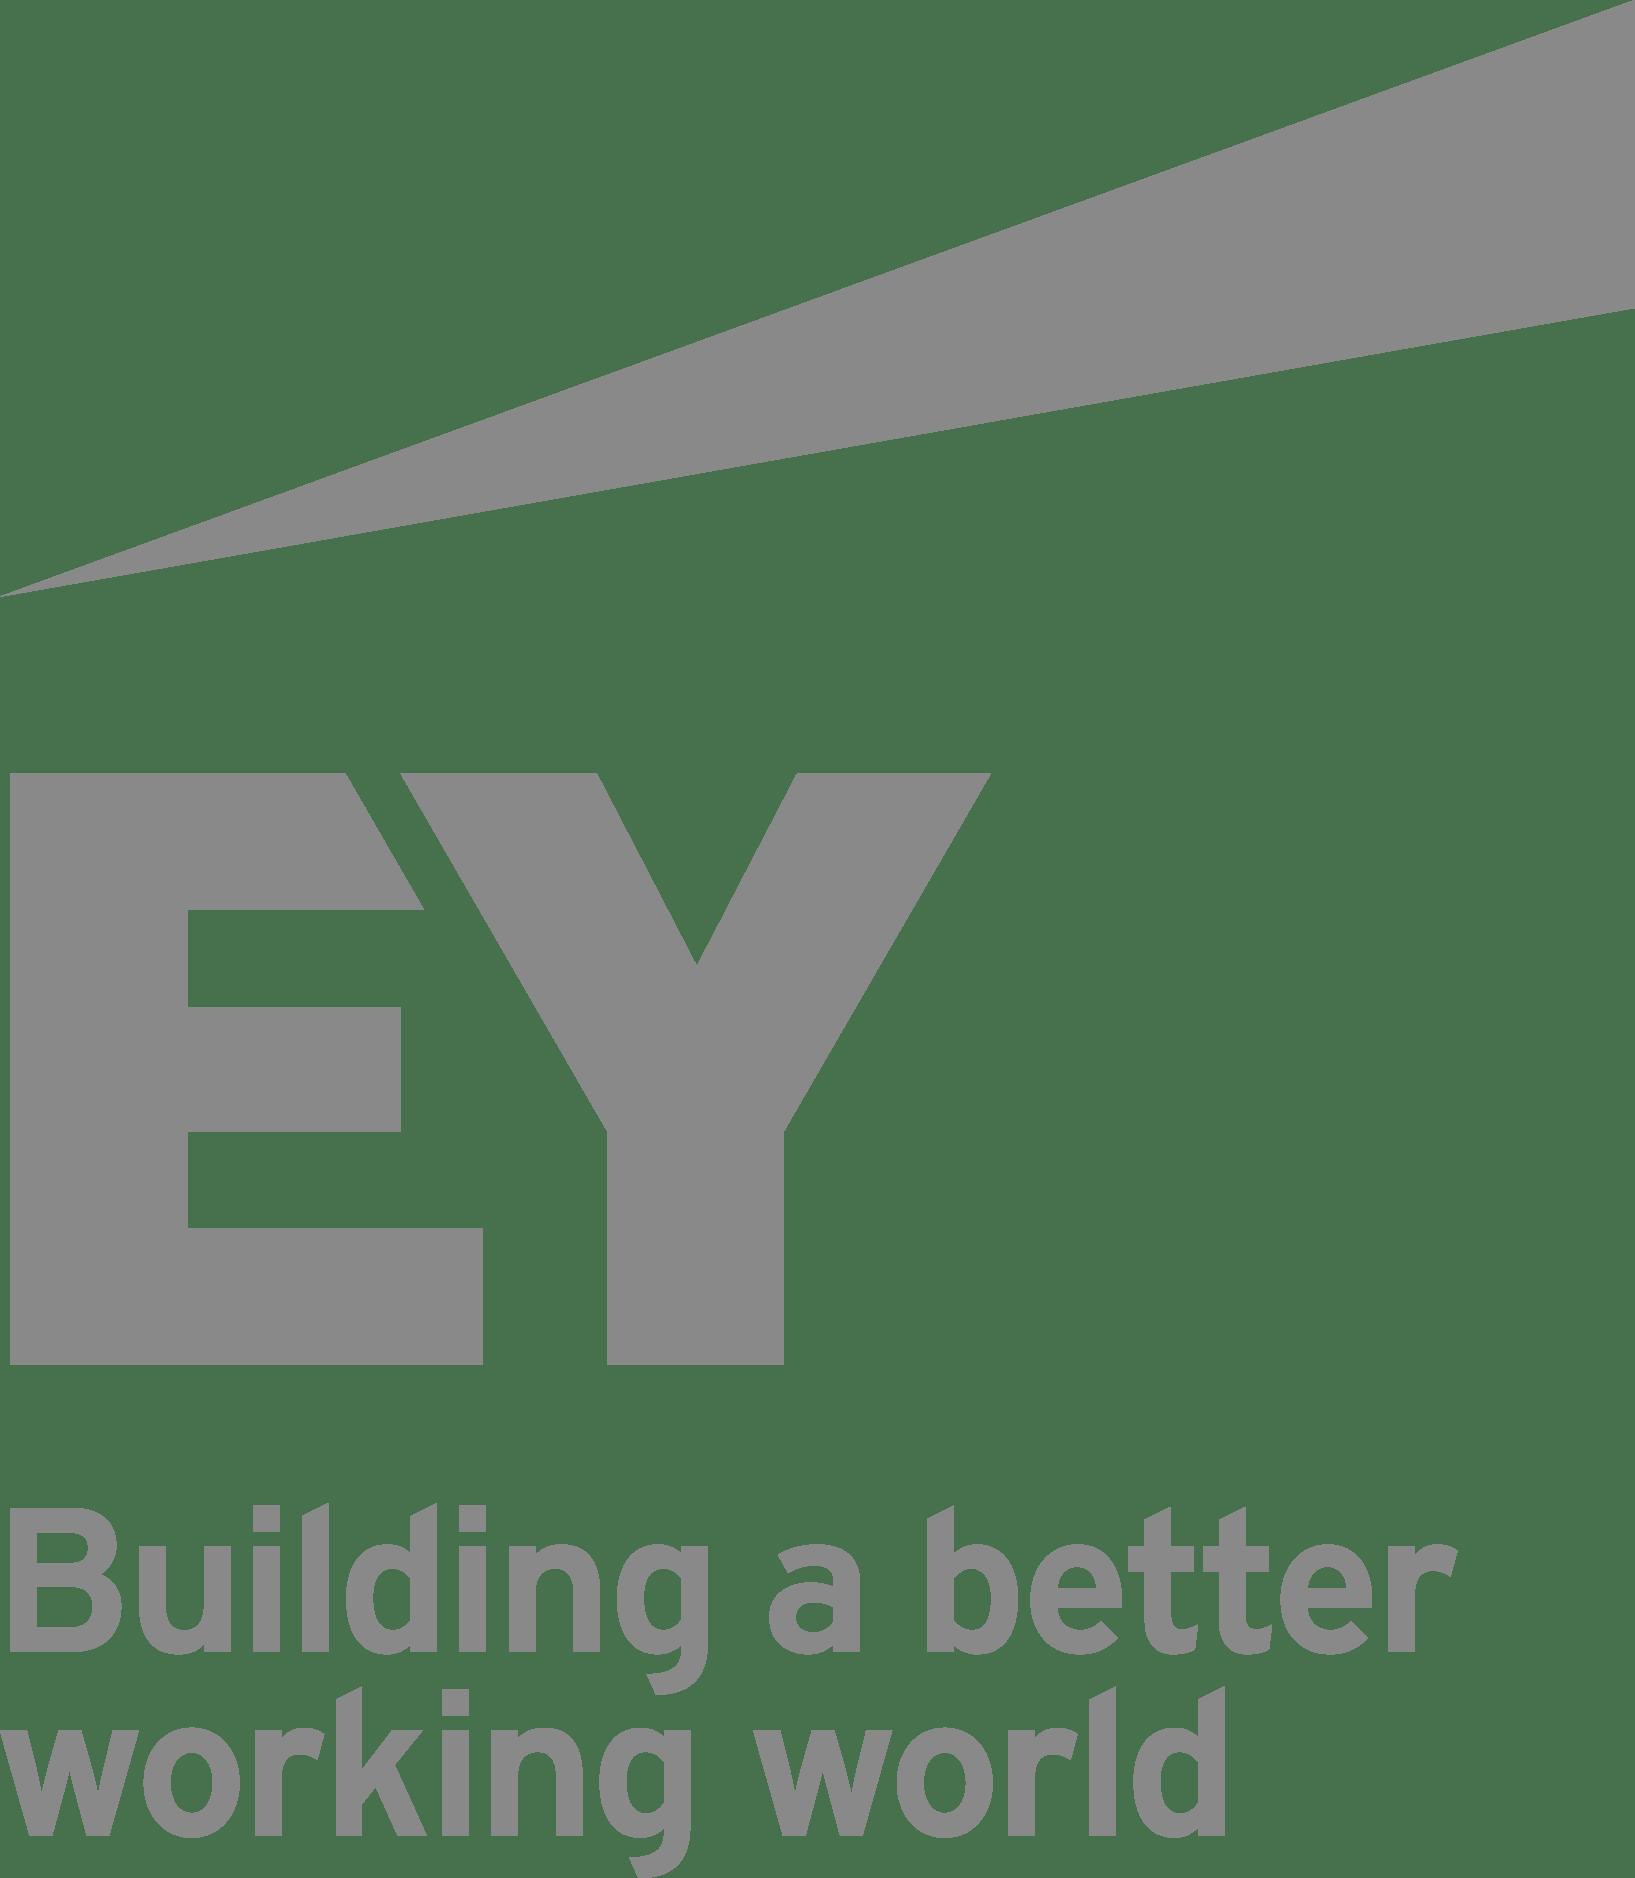 Ey logo grey ca698a.png?ixlib=rb 1.1